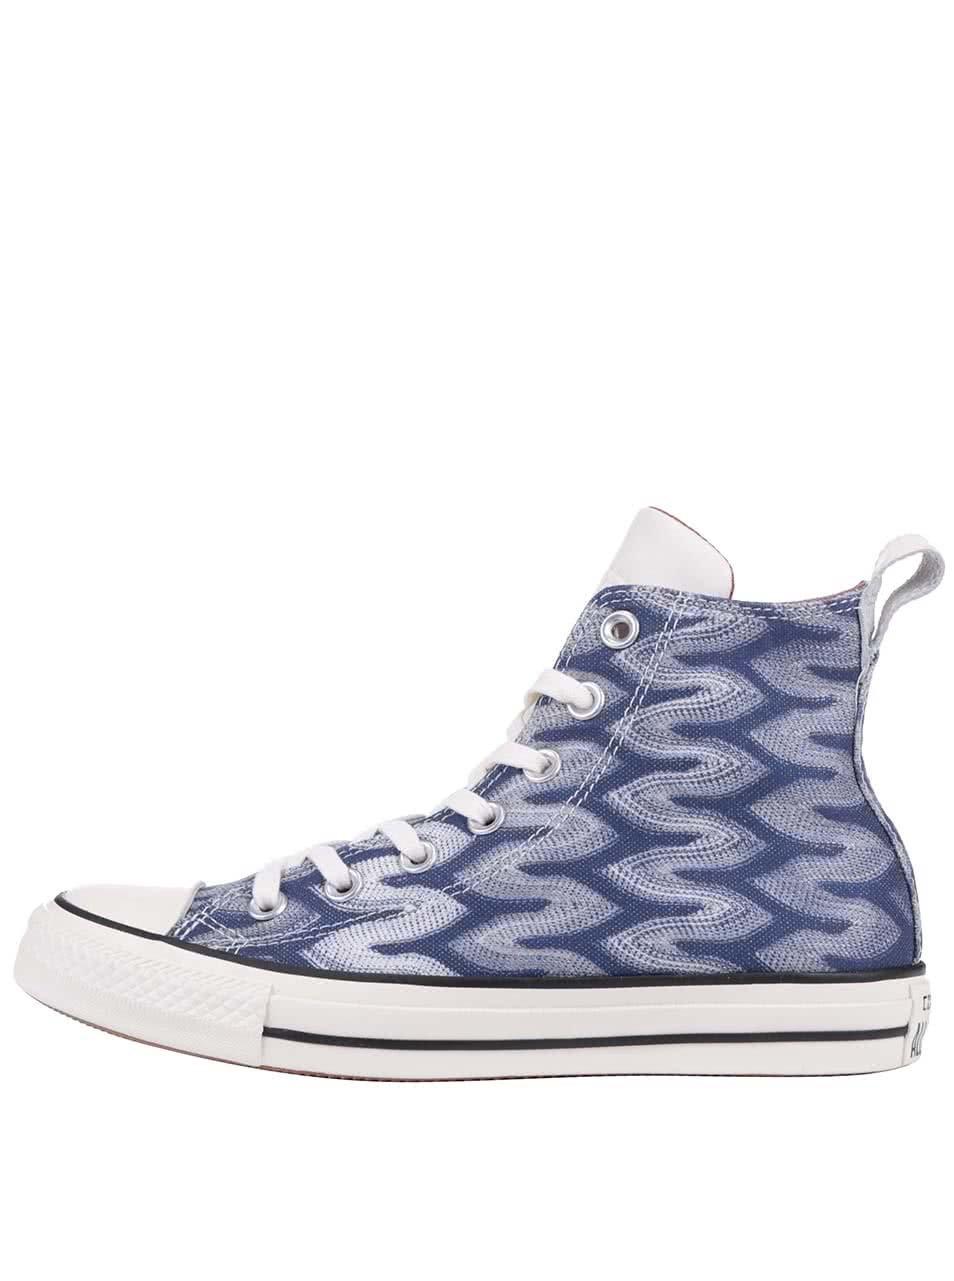 Modro-bílé vzorované unisex tenisky Converse Chuck Taylor All Star